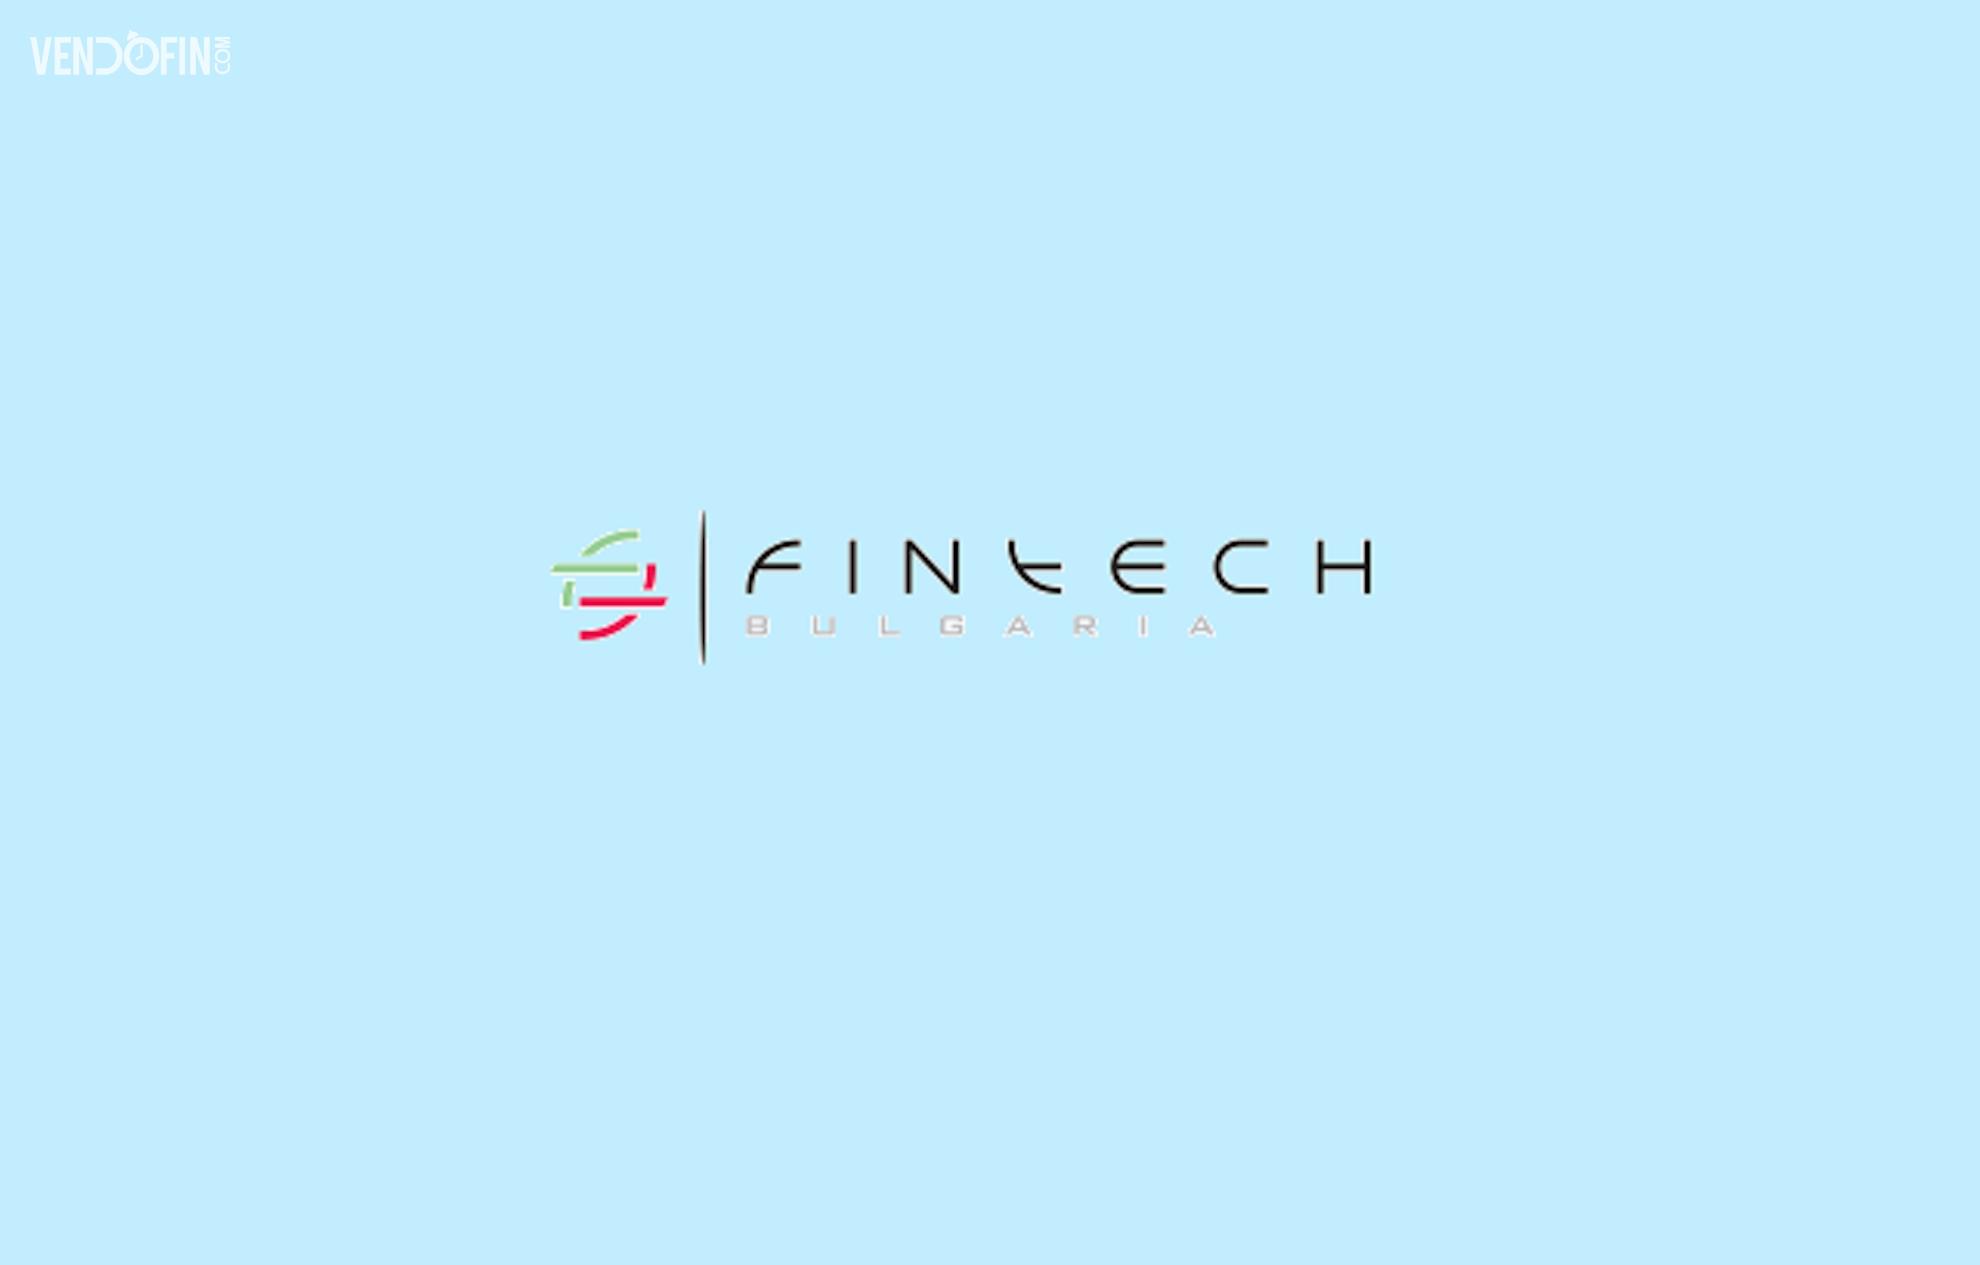 Vendofin_fintech.png